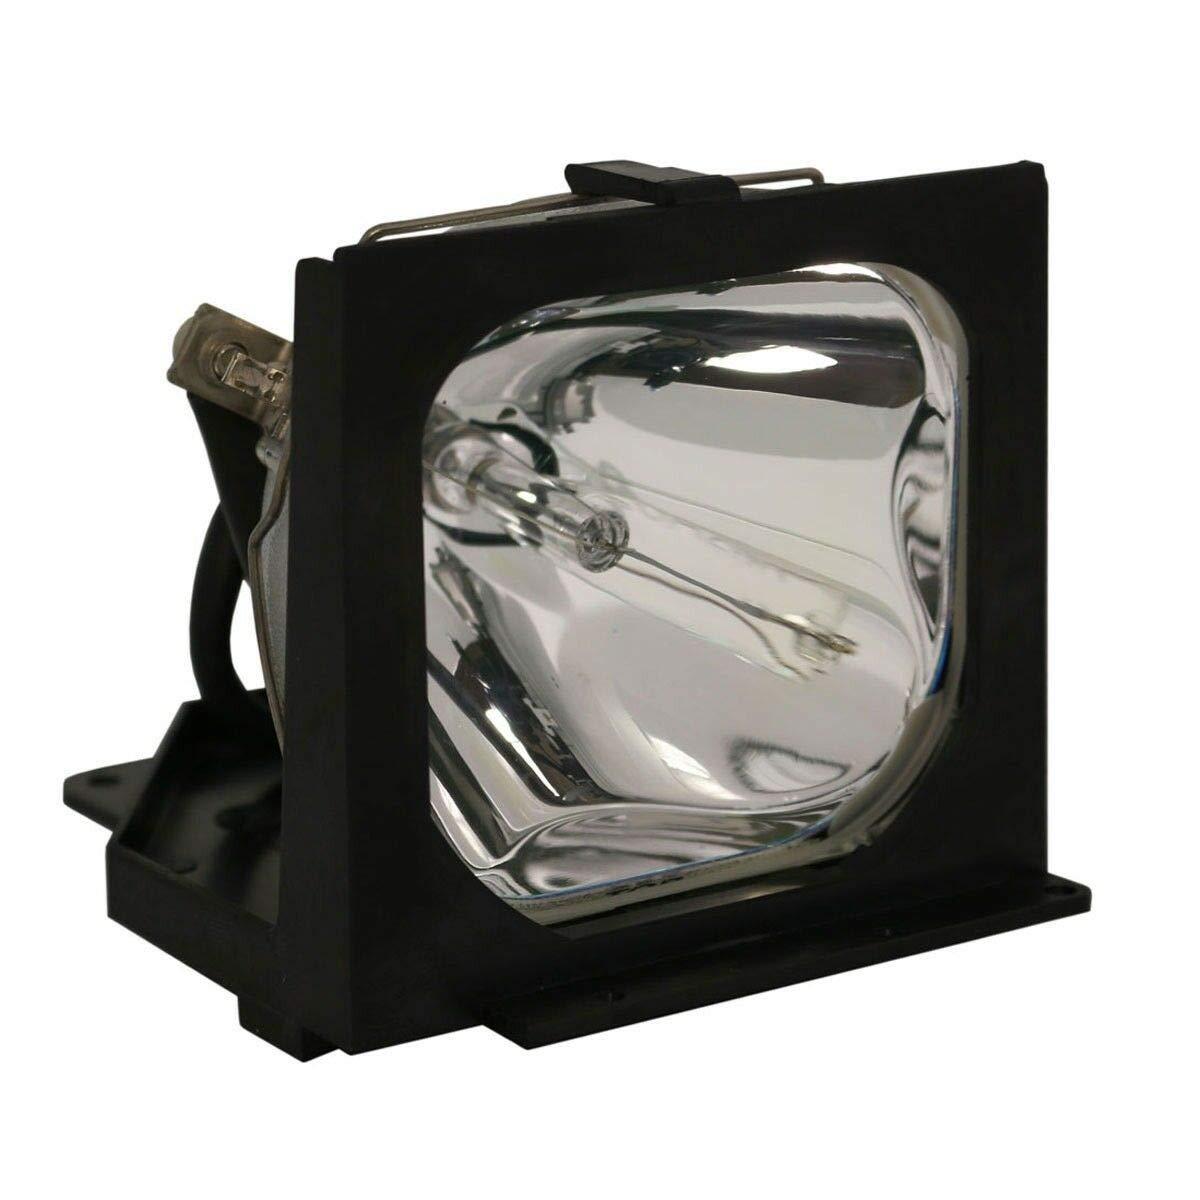 CTLAMP POA-LMP21 ハウジング付き交換用ランプ SANYO PLC-SU20 / PLC-SU208C / PLC-SU20B / PLC-SU20Eに対応   B07Q3DKFDL